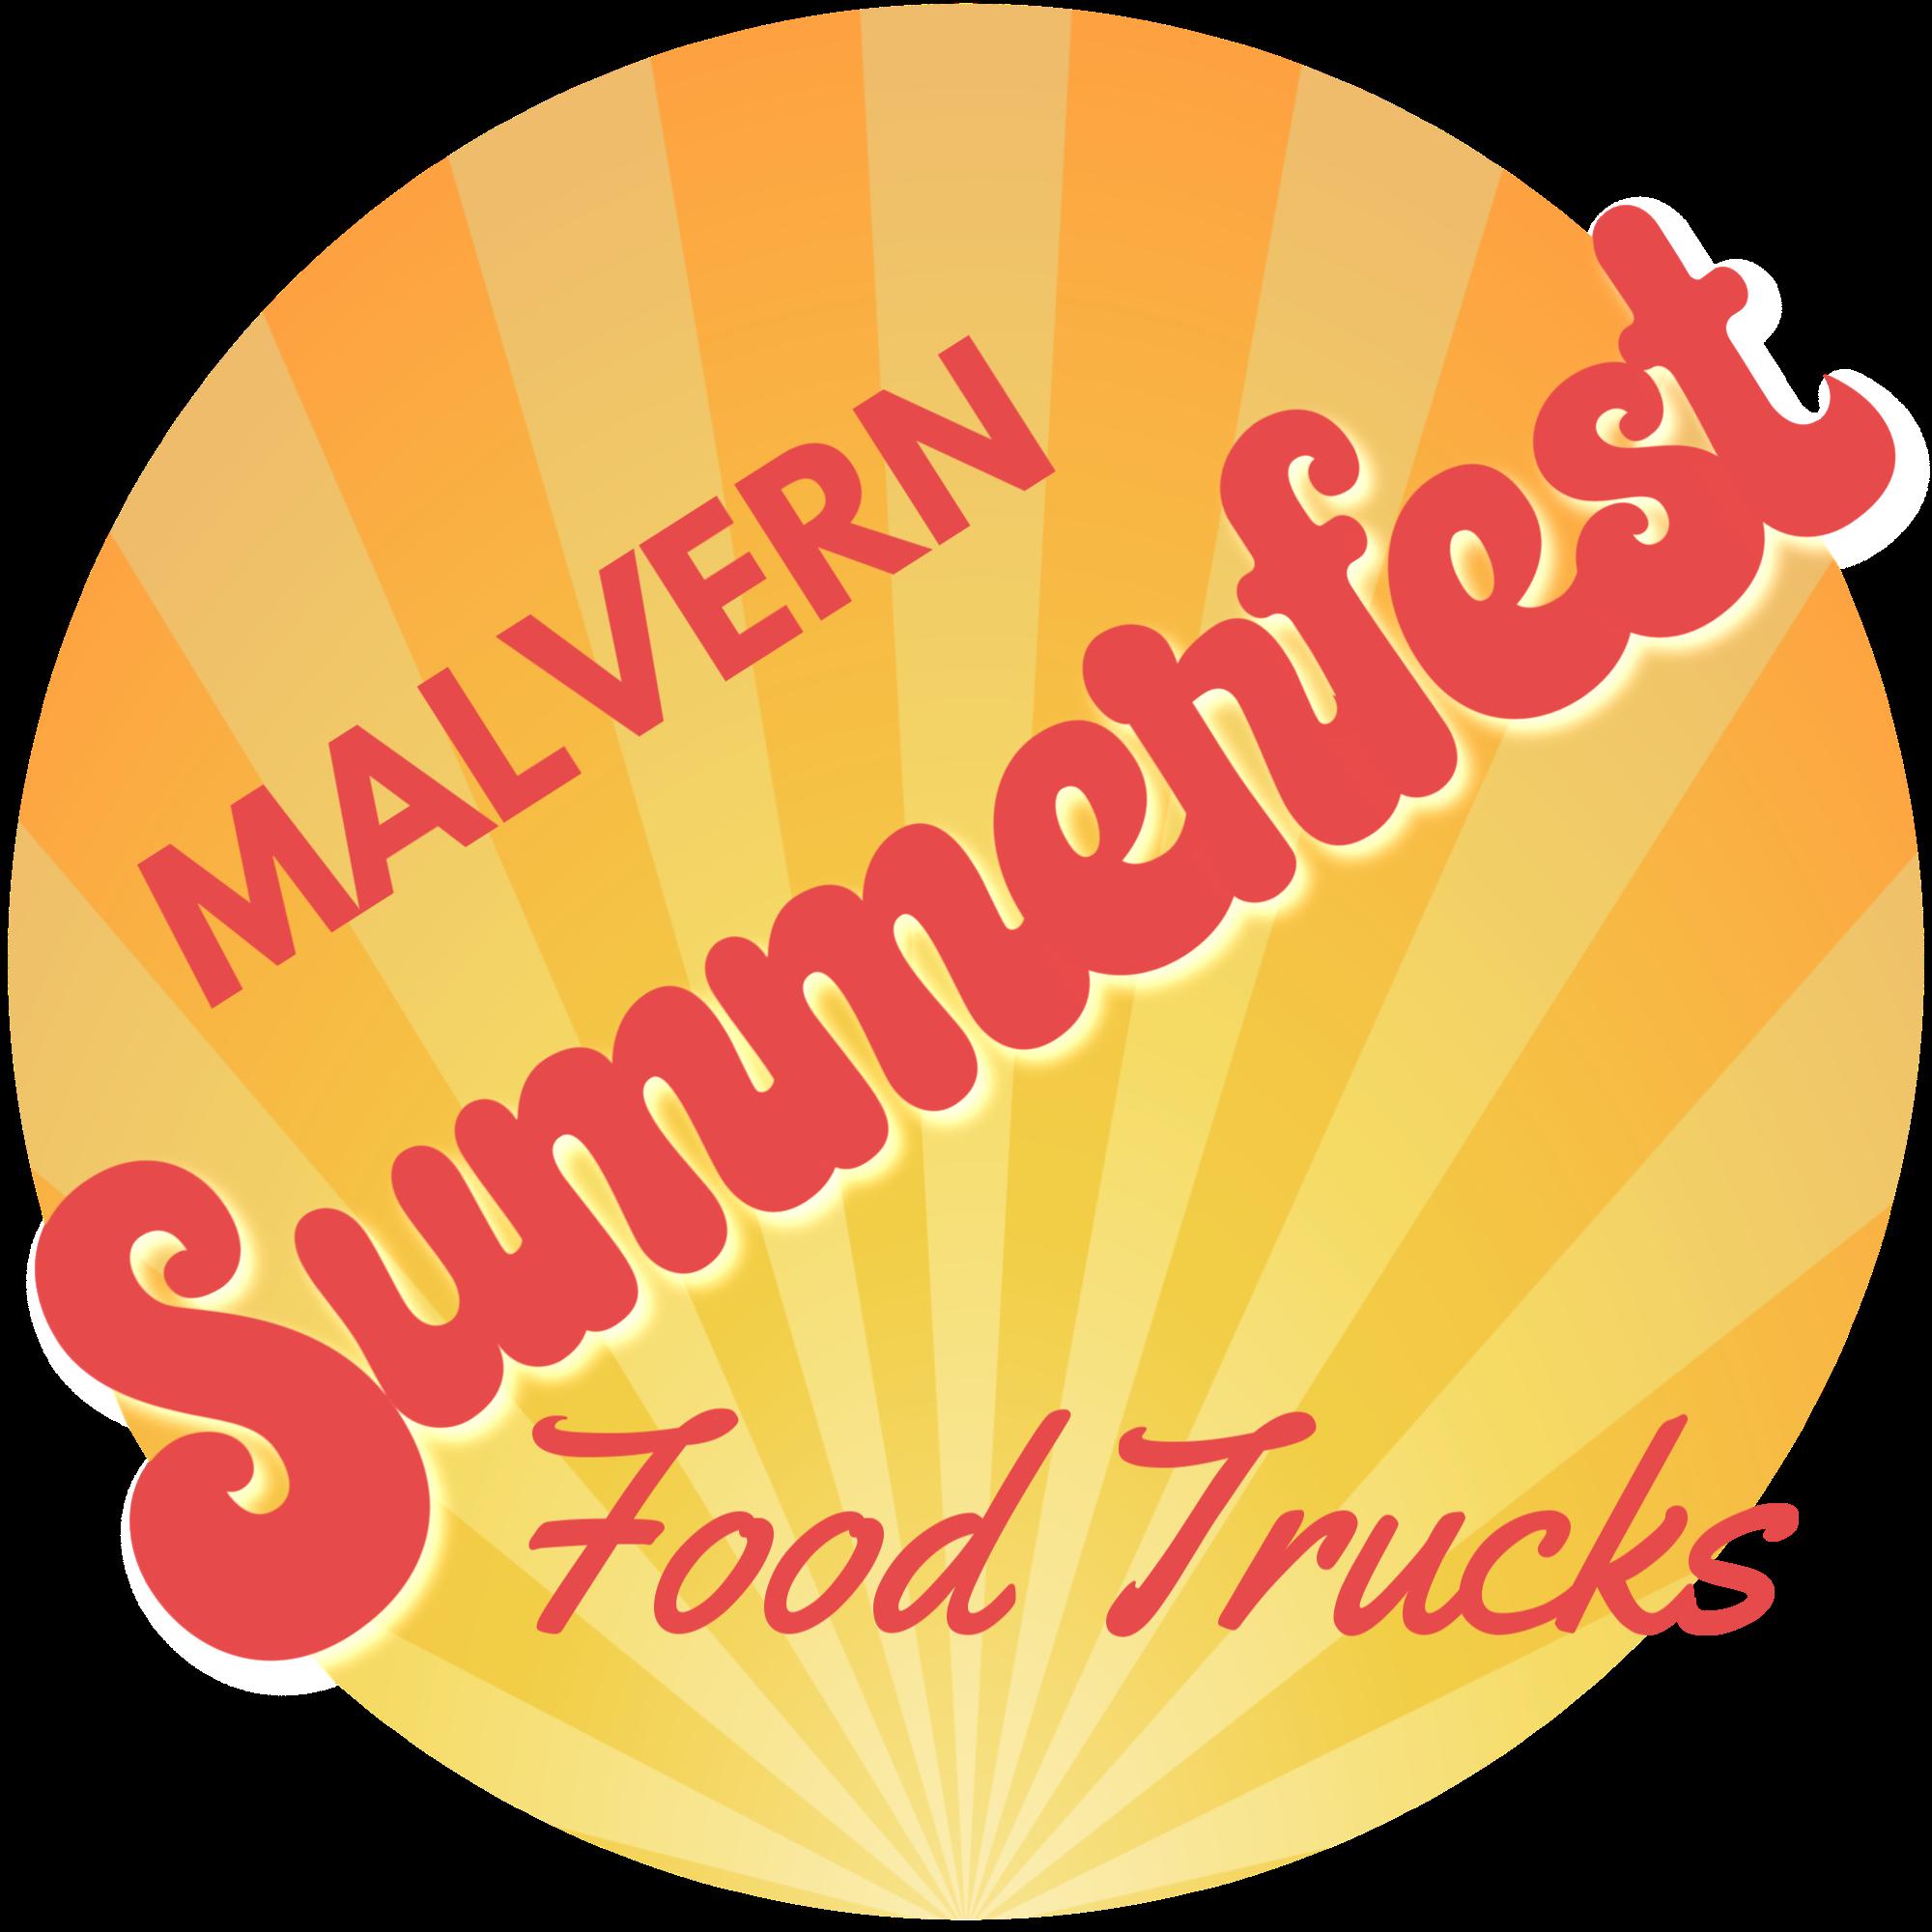 Food Trucks 2000 x 2000.png